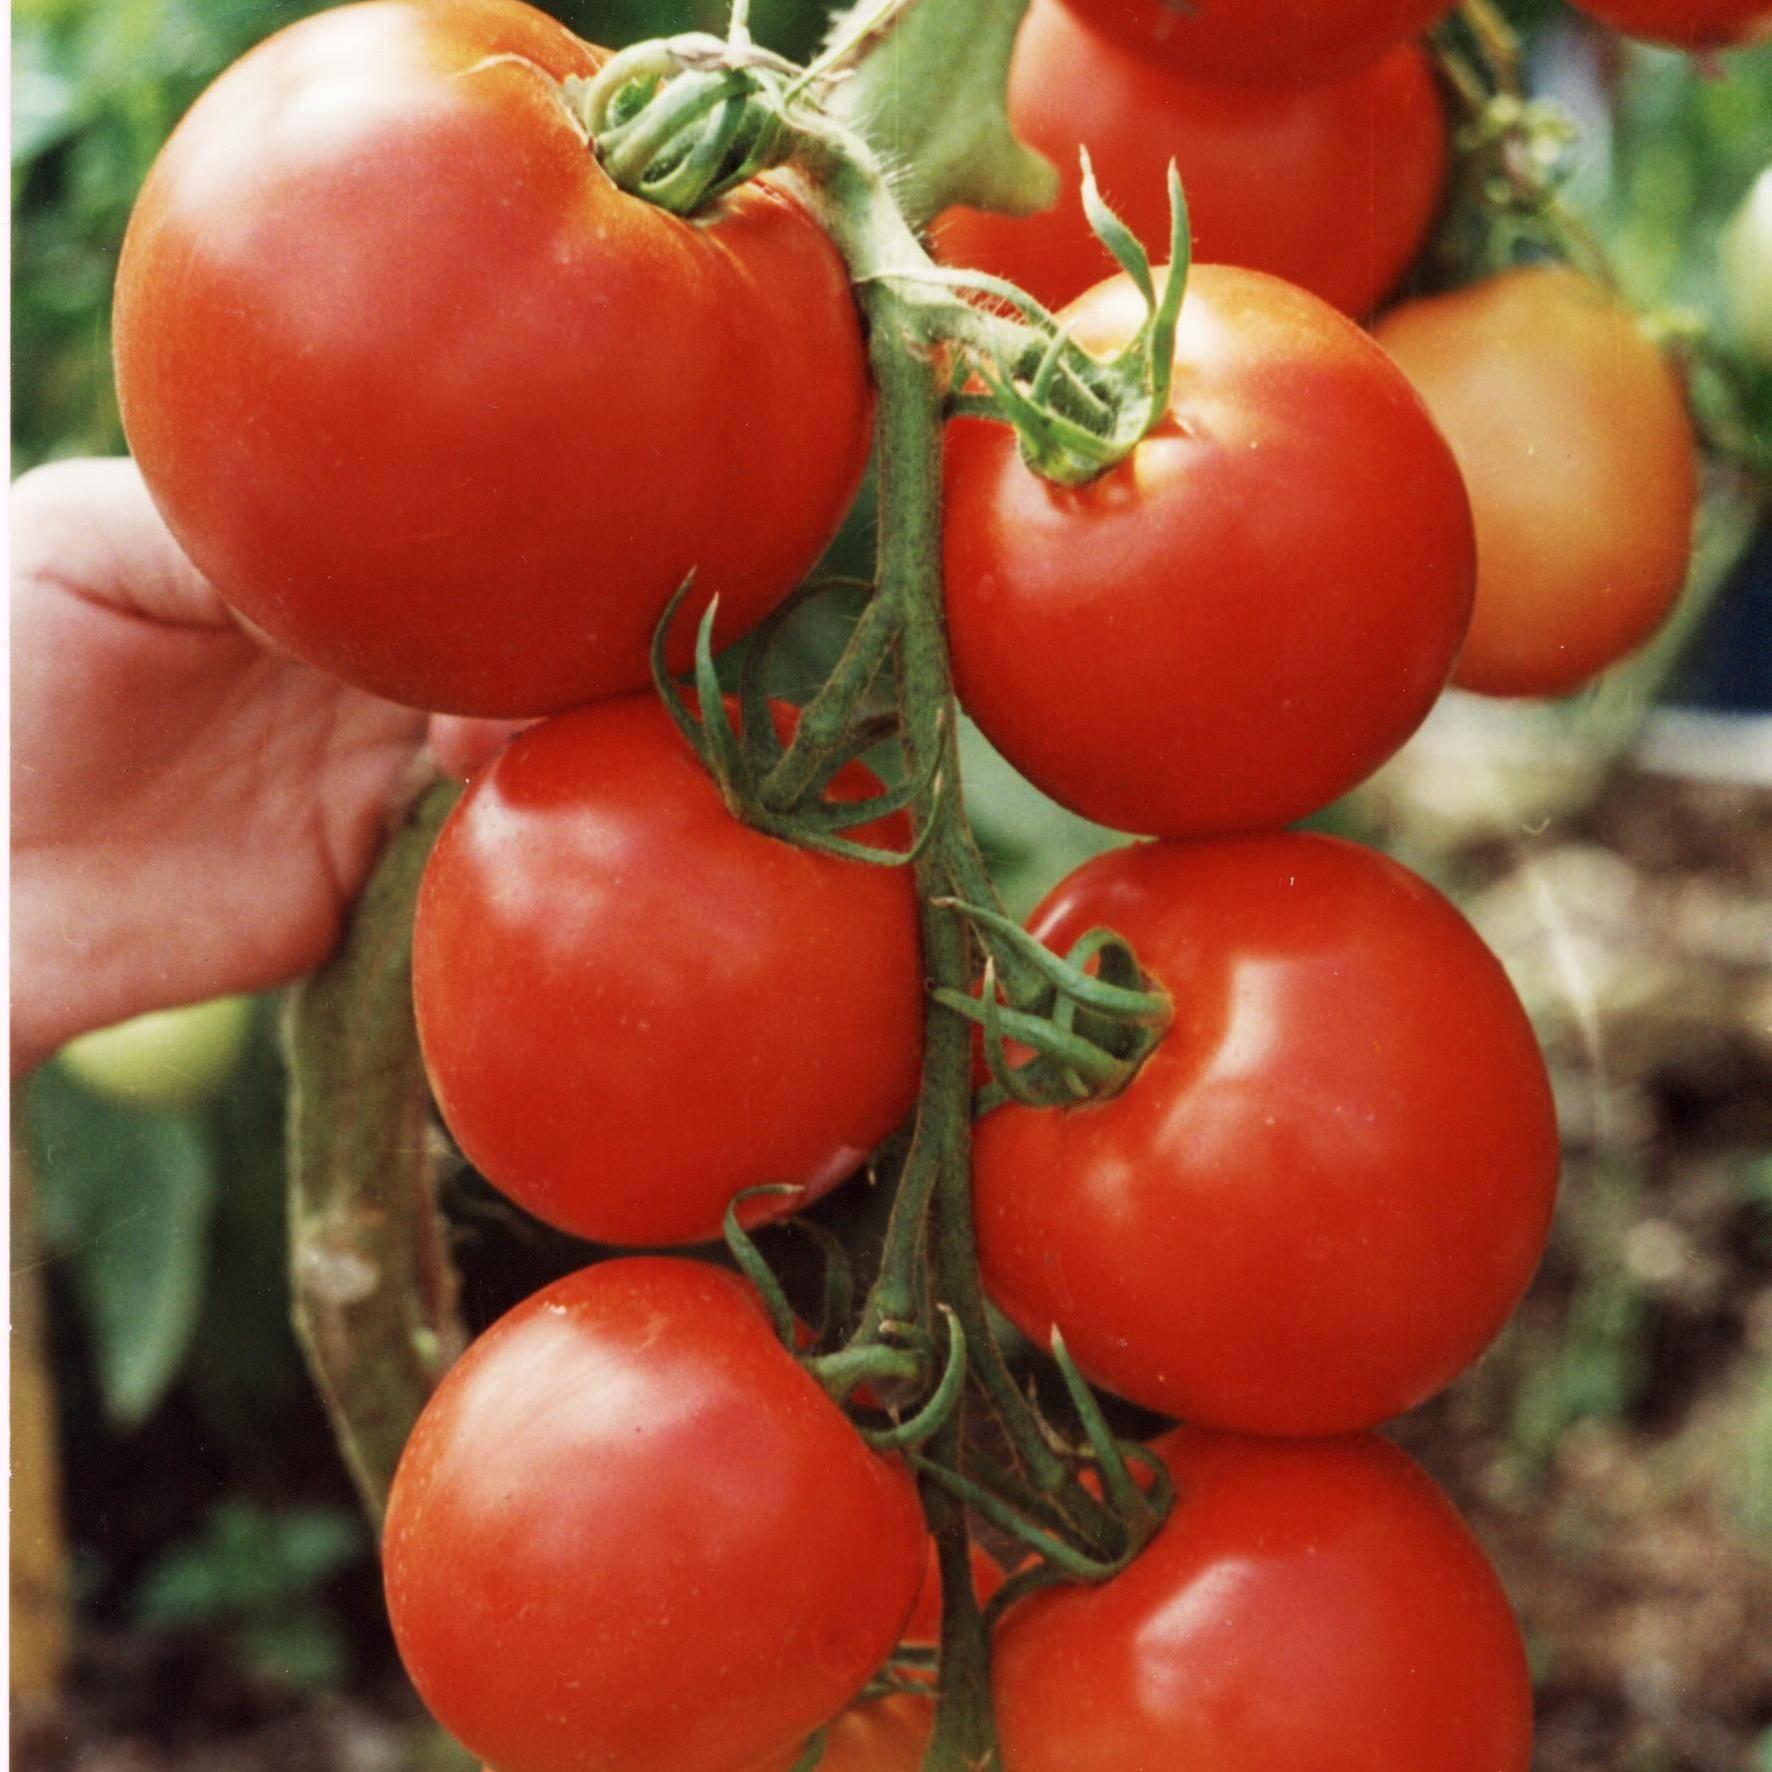 Топ-10 лучших сортов томатов для открытого грунта – рейтинг 2020 года